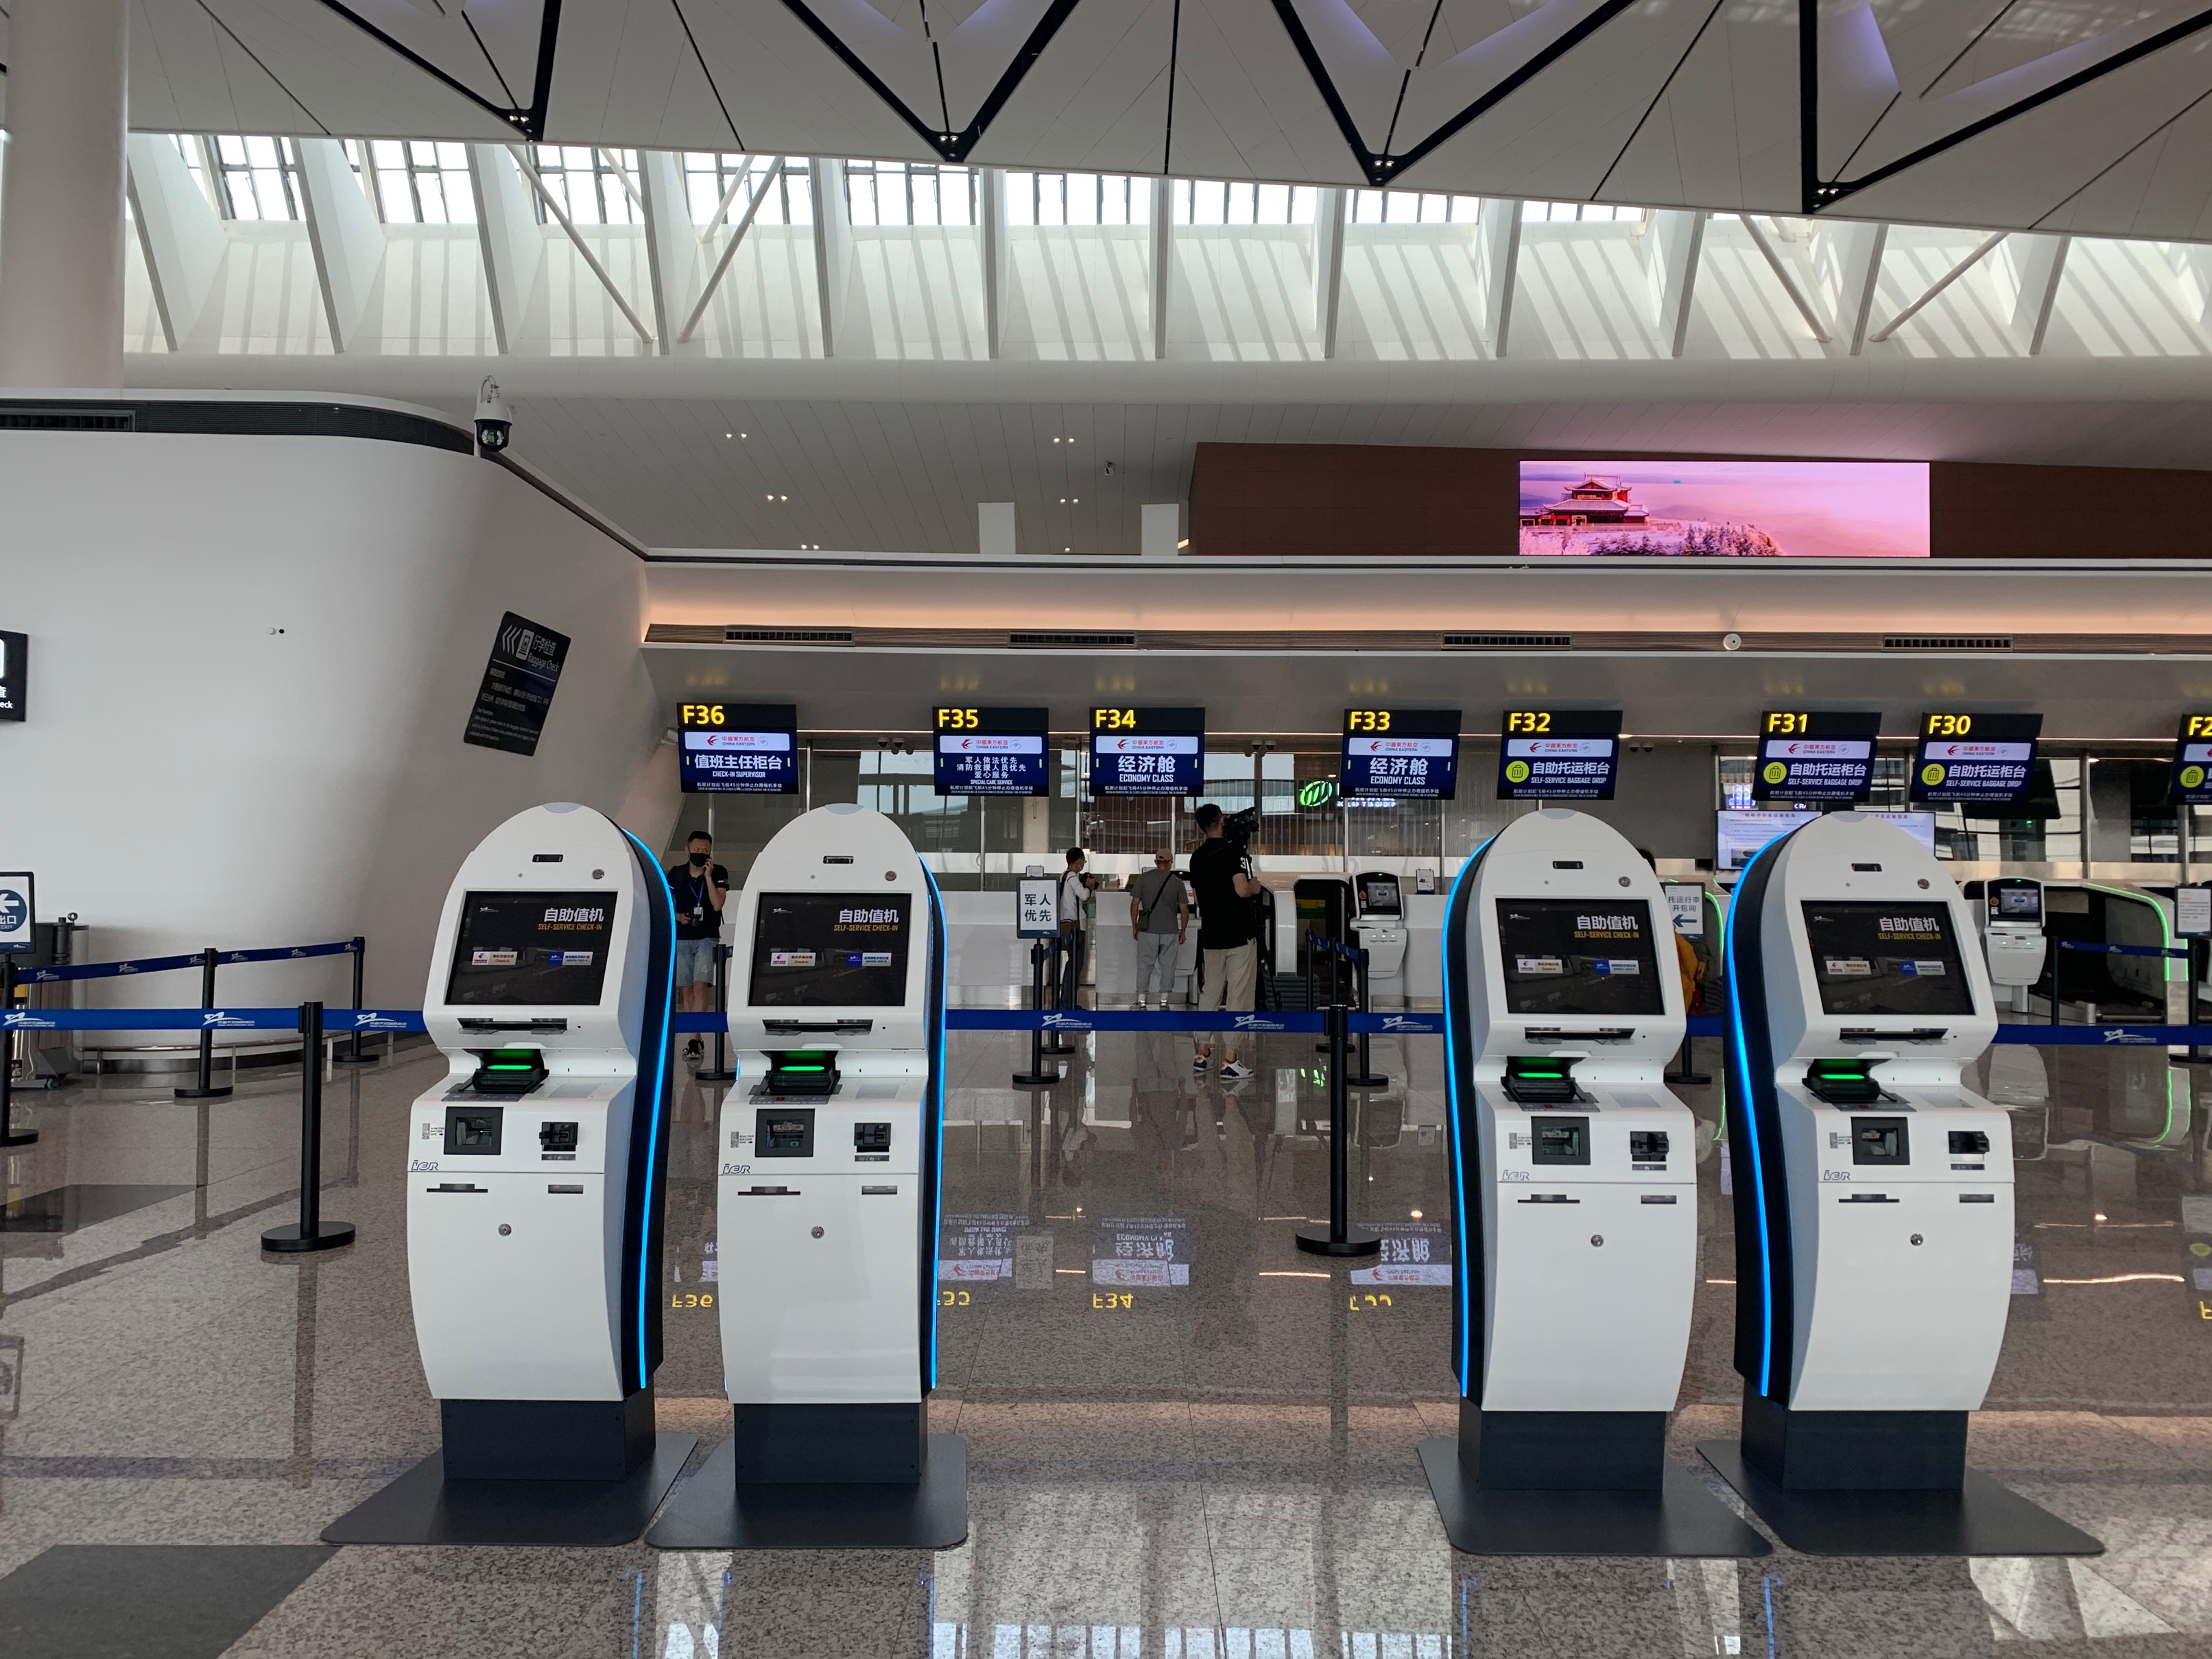 成都天府国际机场投运倒计时 最后一次综合演练顺利完成